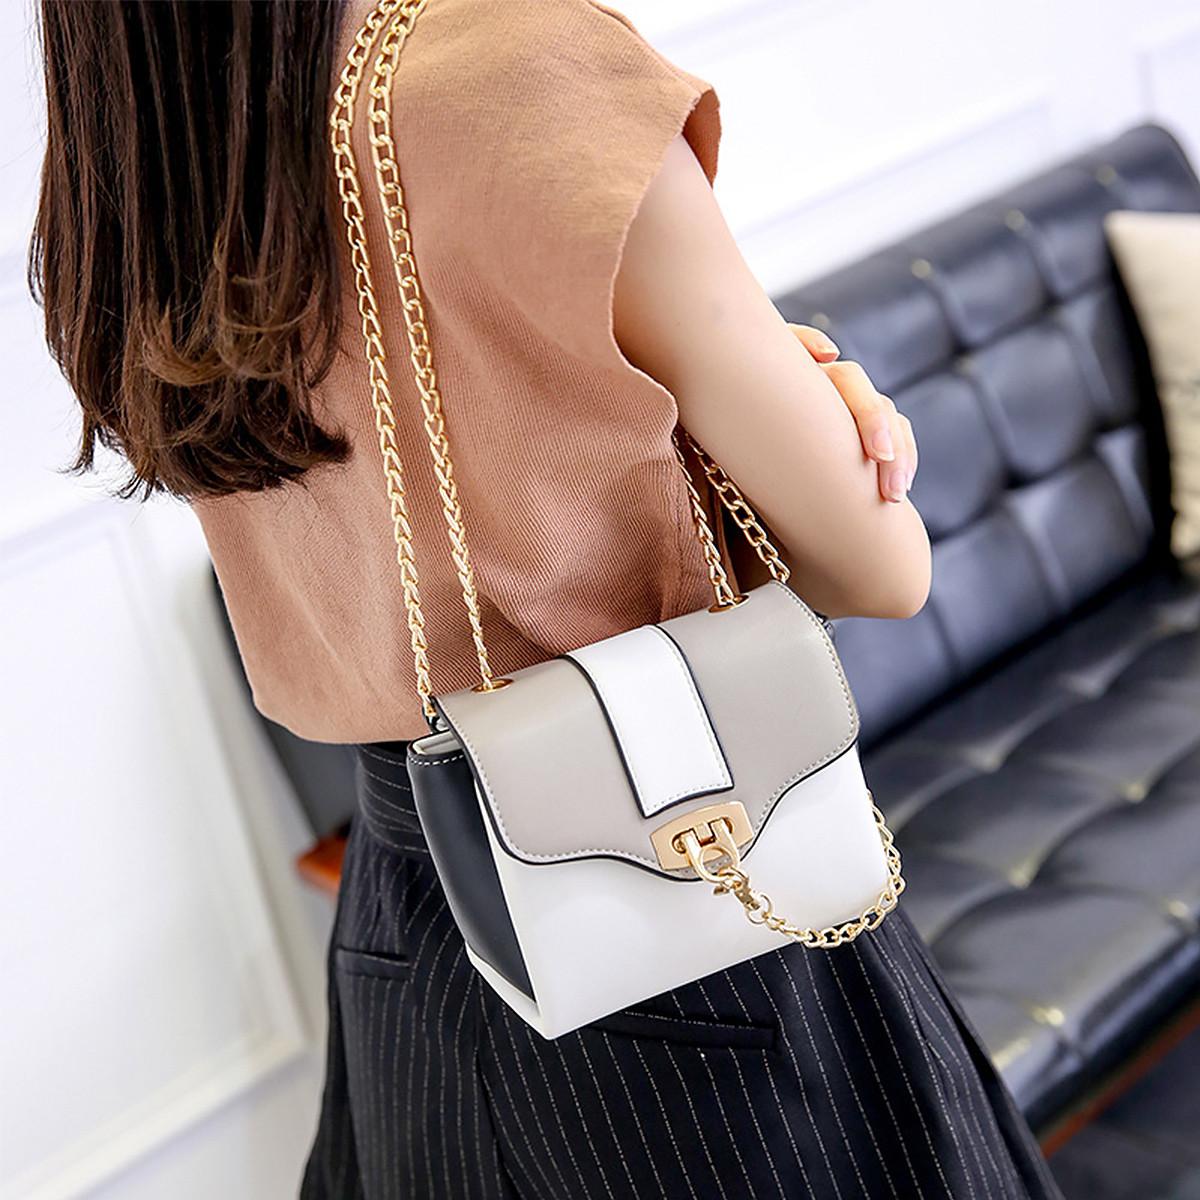 蒙娜丽莎 2019新款包包金属链条小方包潮流单肩包斜挎包